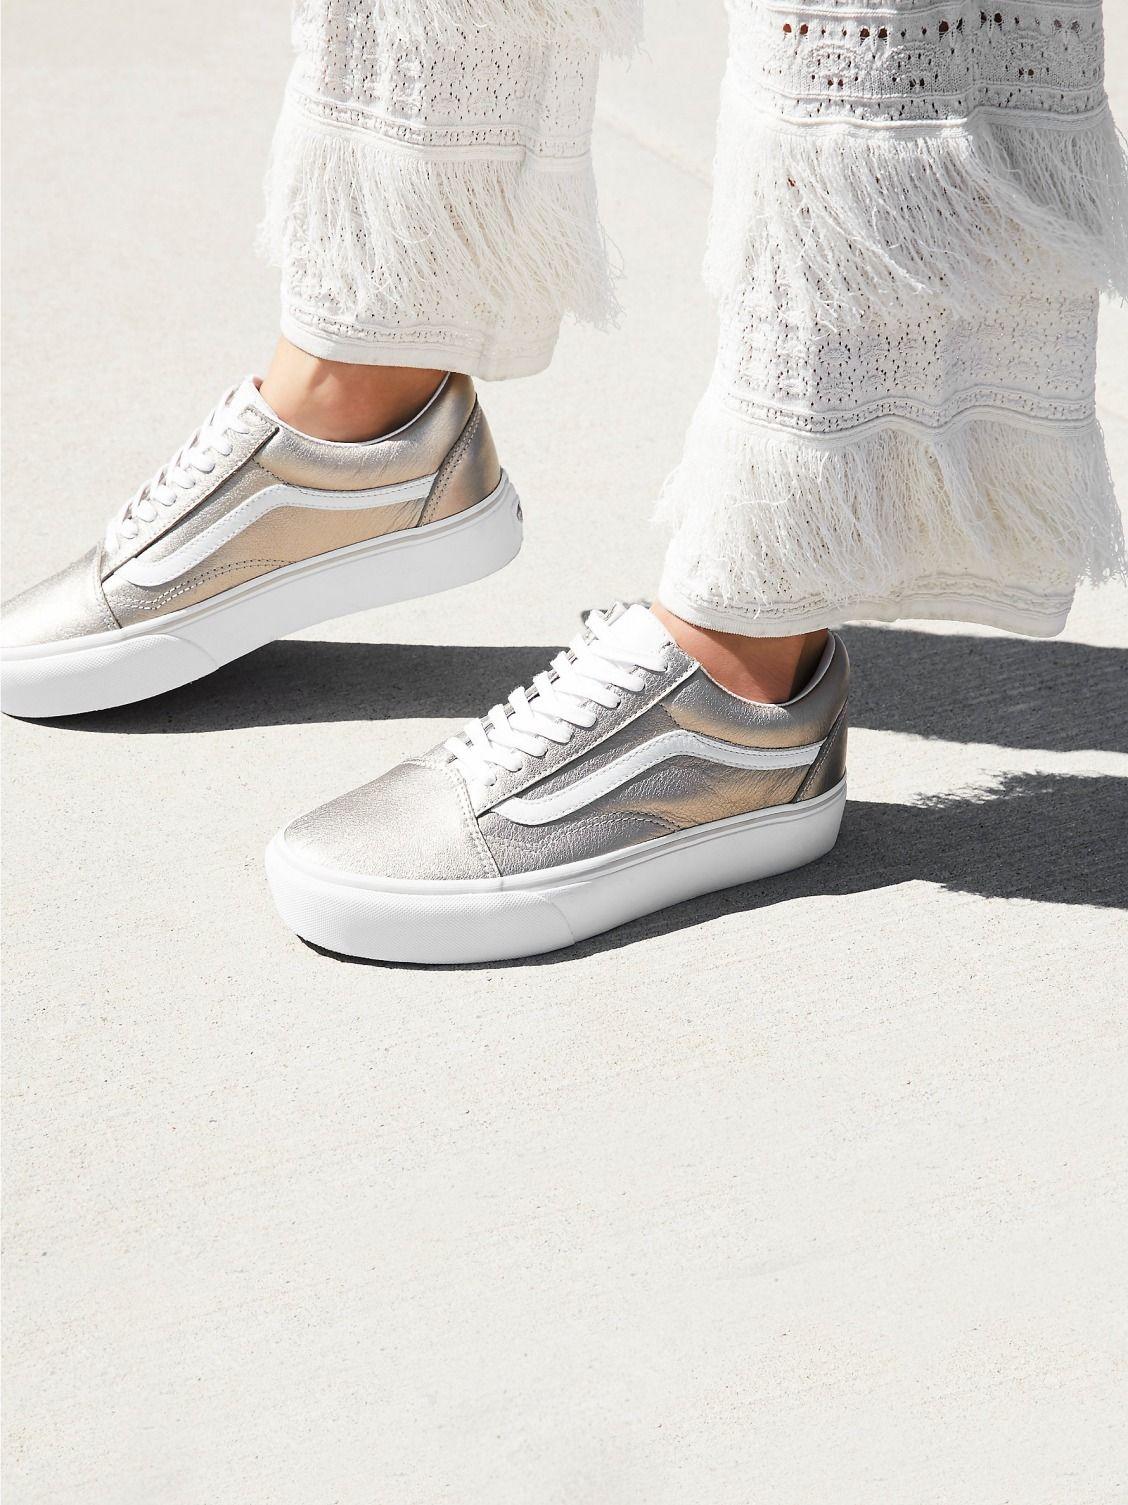 Vans Grey Gold Old Skool Platform Sneaker At Free People